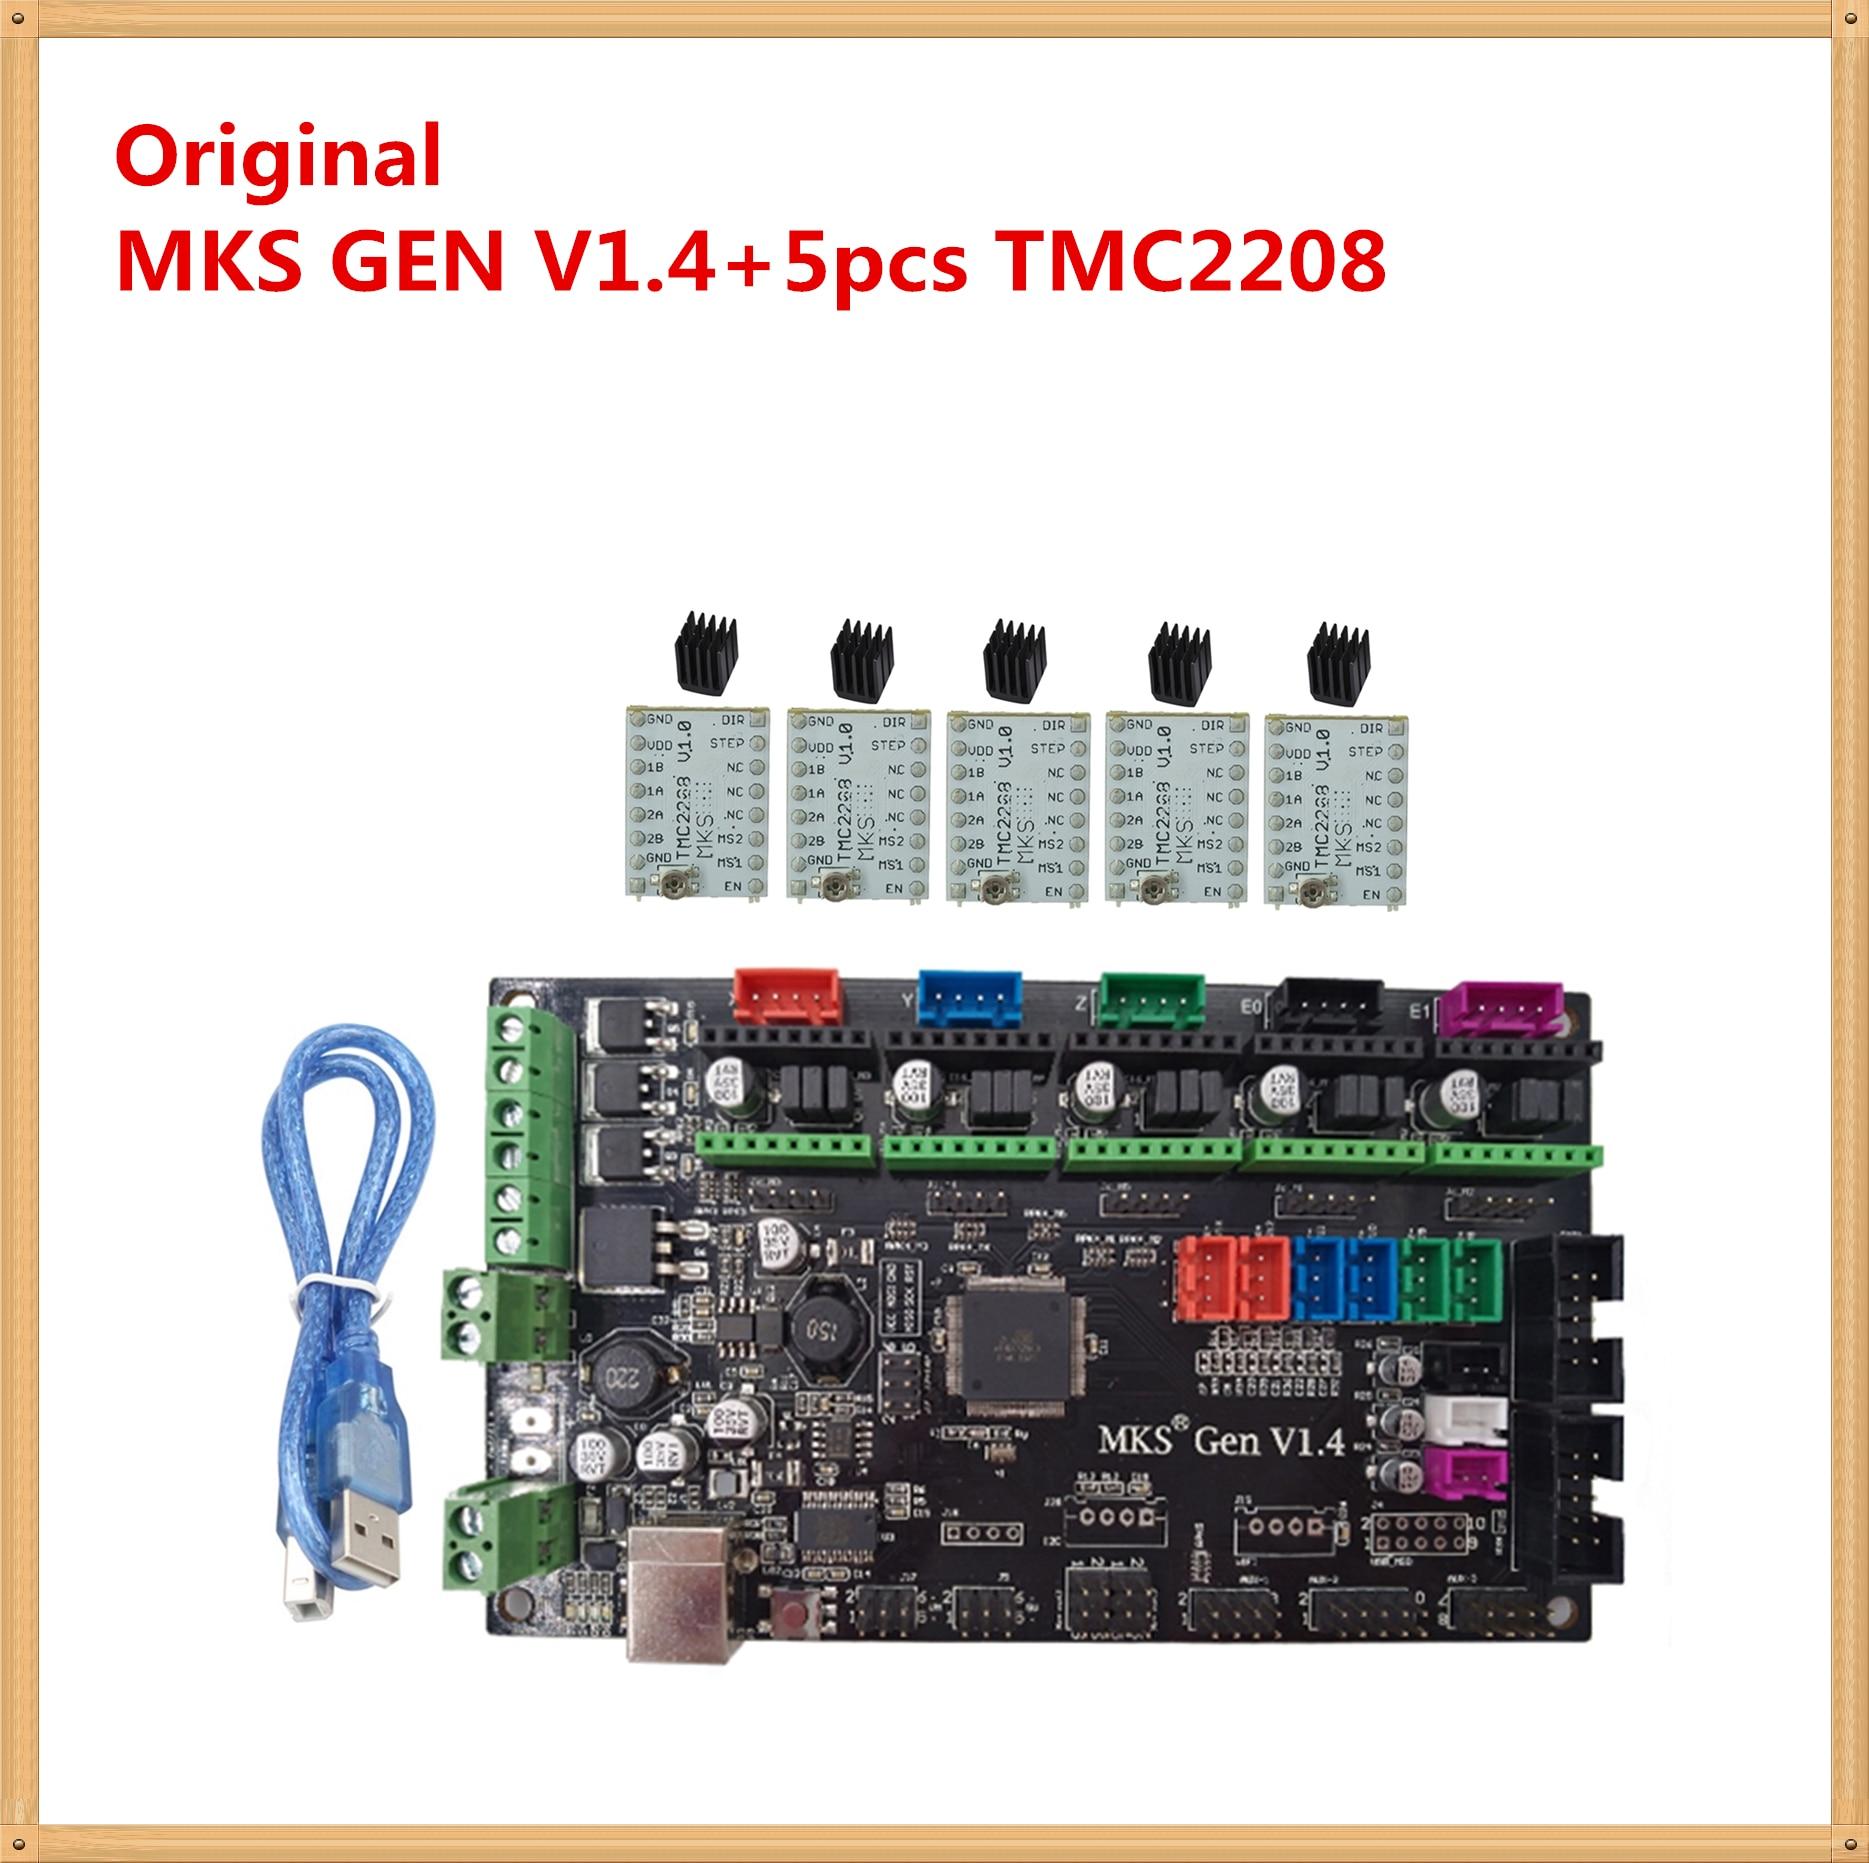 Ender 3 Tmc2208 Vref